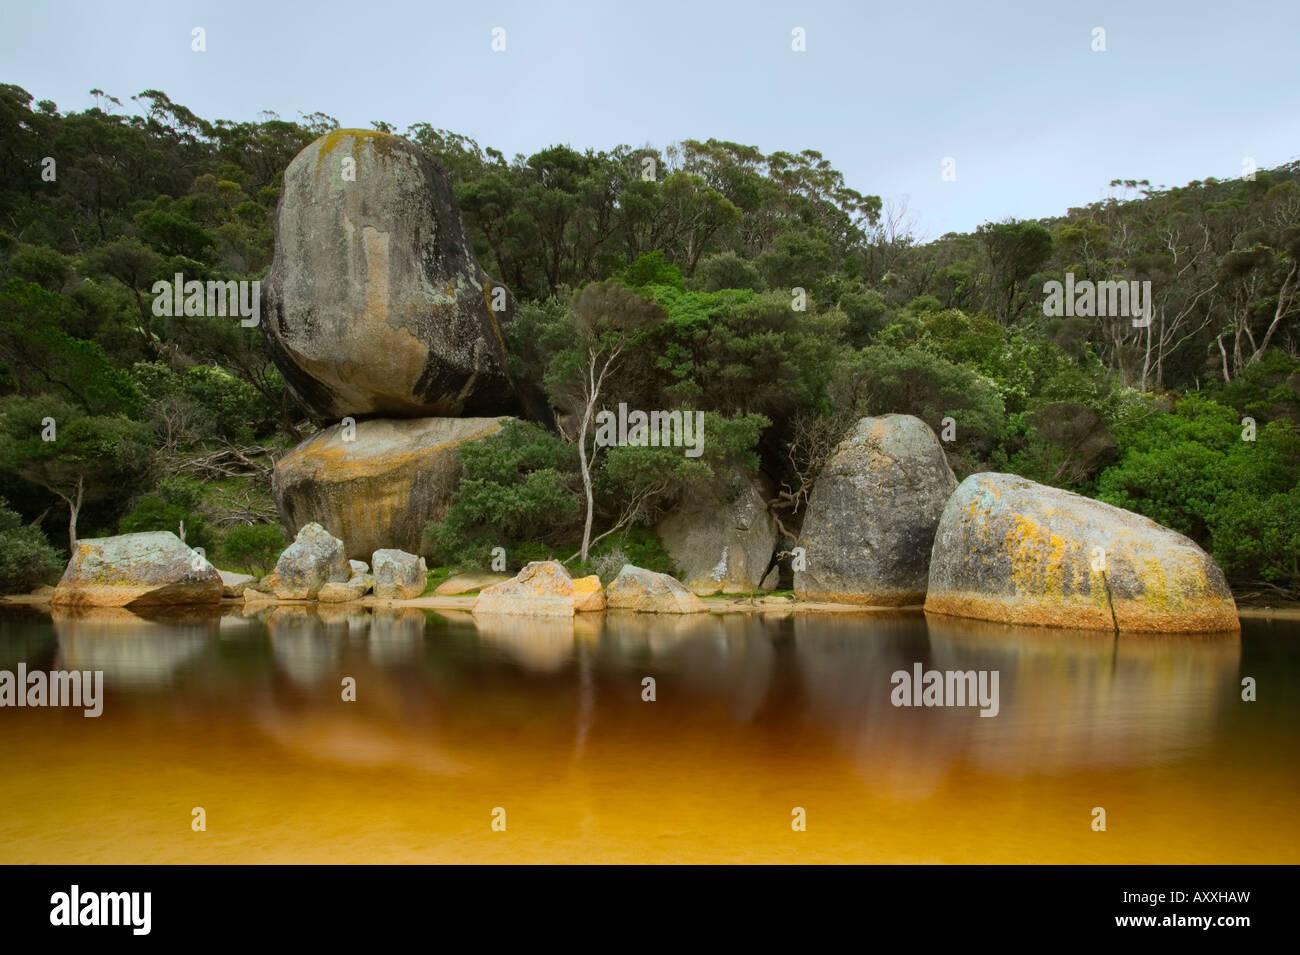 Fiume fiume di marea, Wilsons Promontory, Victoria, Australia Immagini Stock